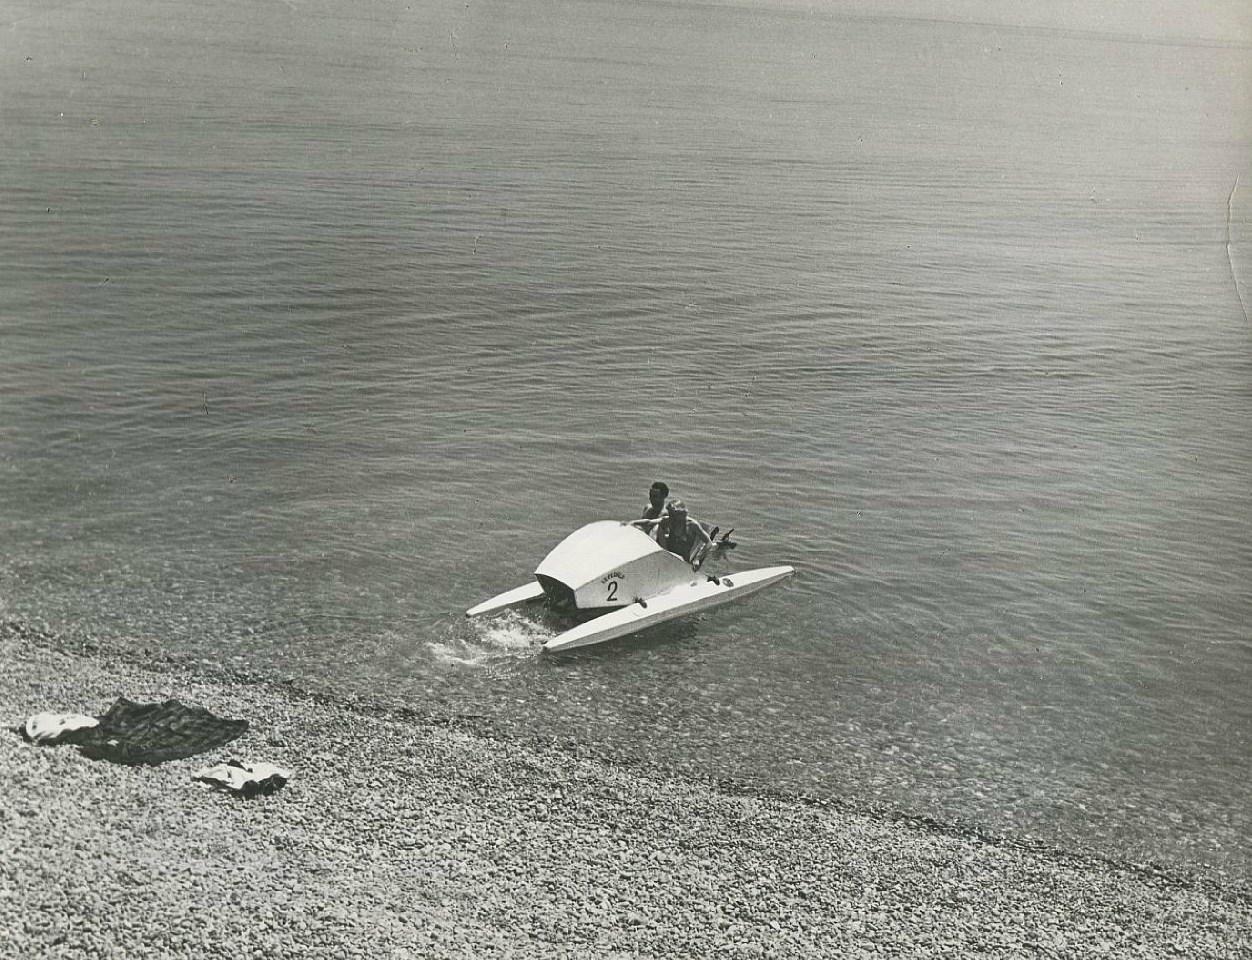 Пикап на пляже при помощи катамарана. Часть 3